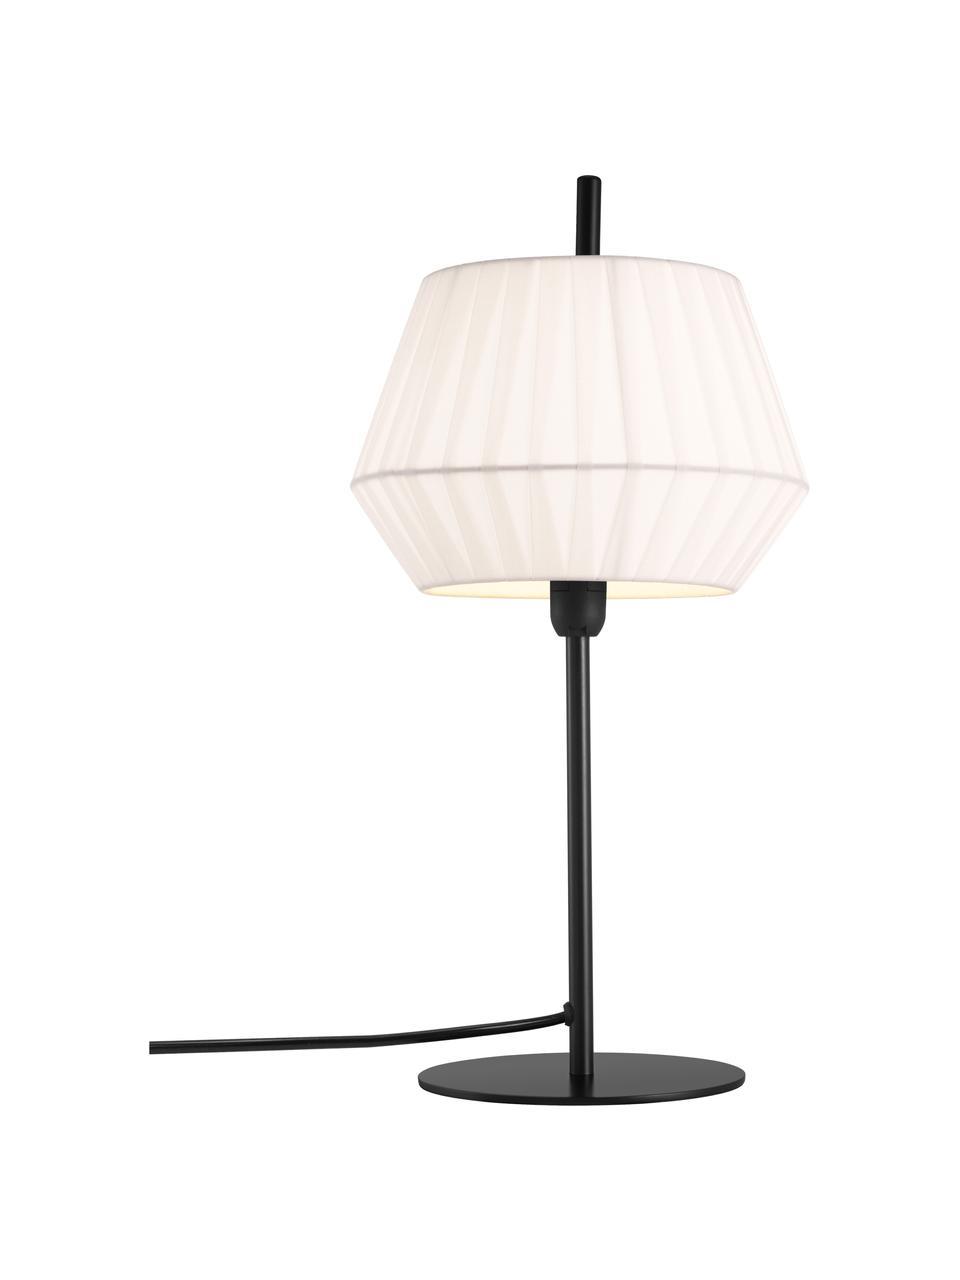 Klassische Tischlampe Dicte aus Faltenstoff, Lampenschirm: Stoff, Lampenfuß: Metall, beschichtet, Weiß, Schwarz, Ø 21 x H 43 cm